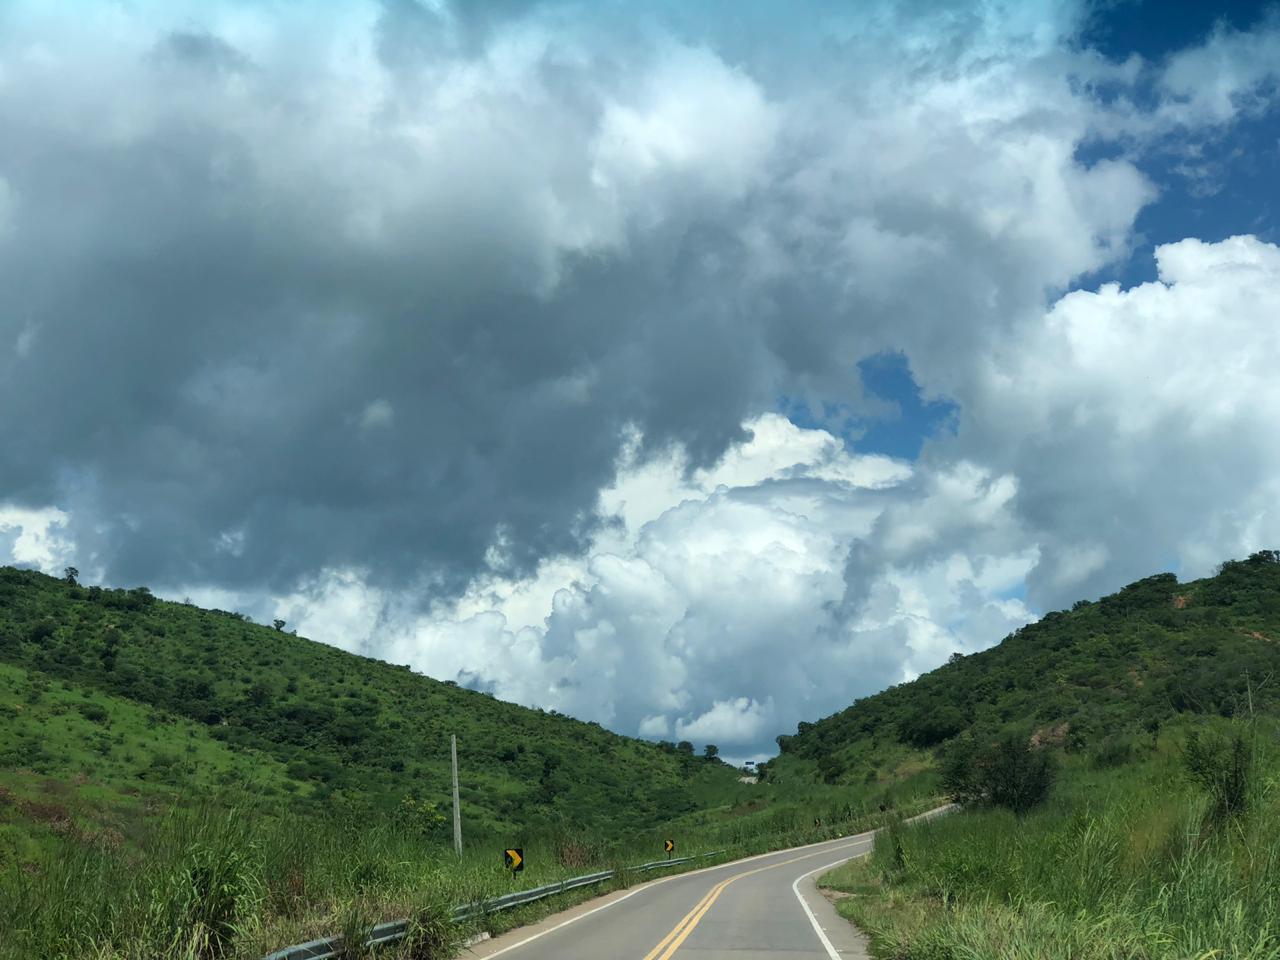 Território do Ceará segue com condições de chuva, aponta previsão (FOTO: Marciel Bezerra)